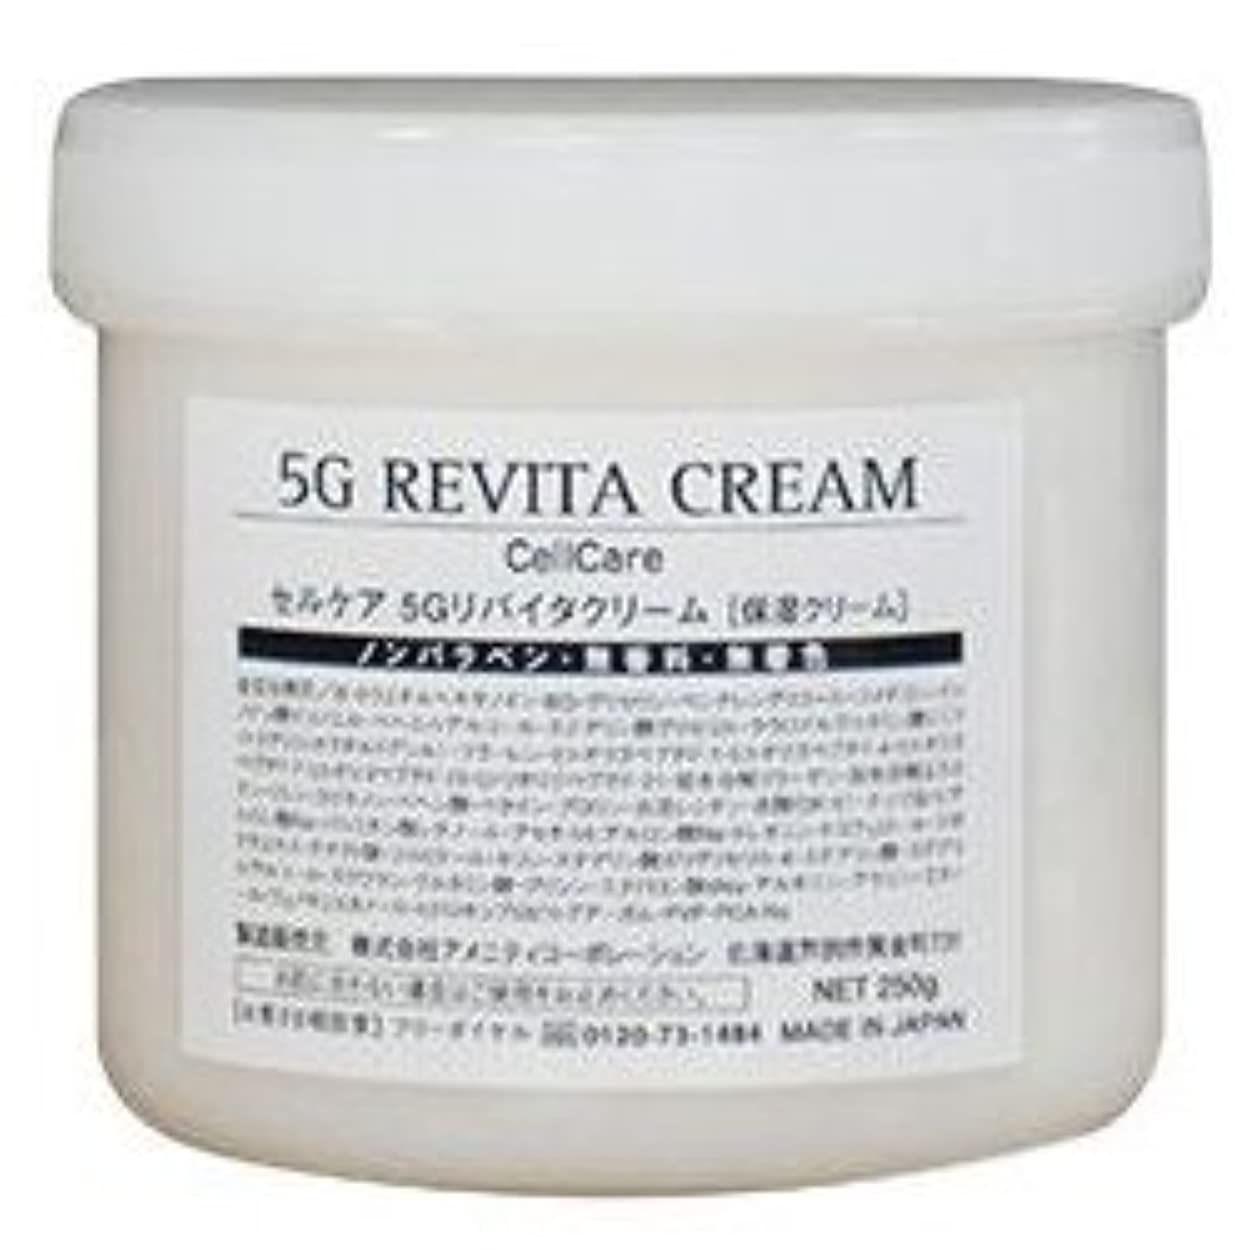 お嬢リーガン速いセルケアGF プレミアム 5Gリバイタルクリーム 保湿クリーム お徳用250g